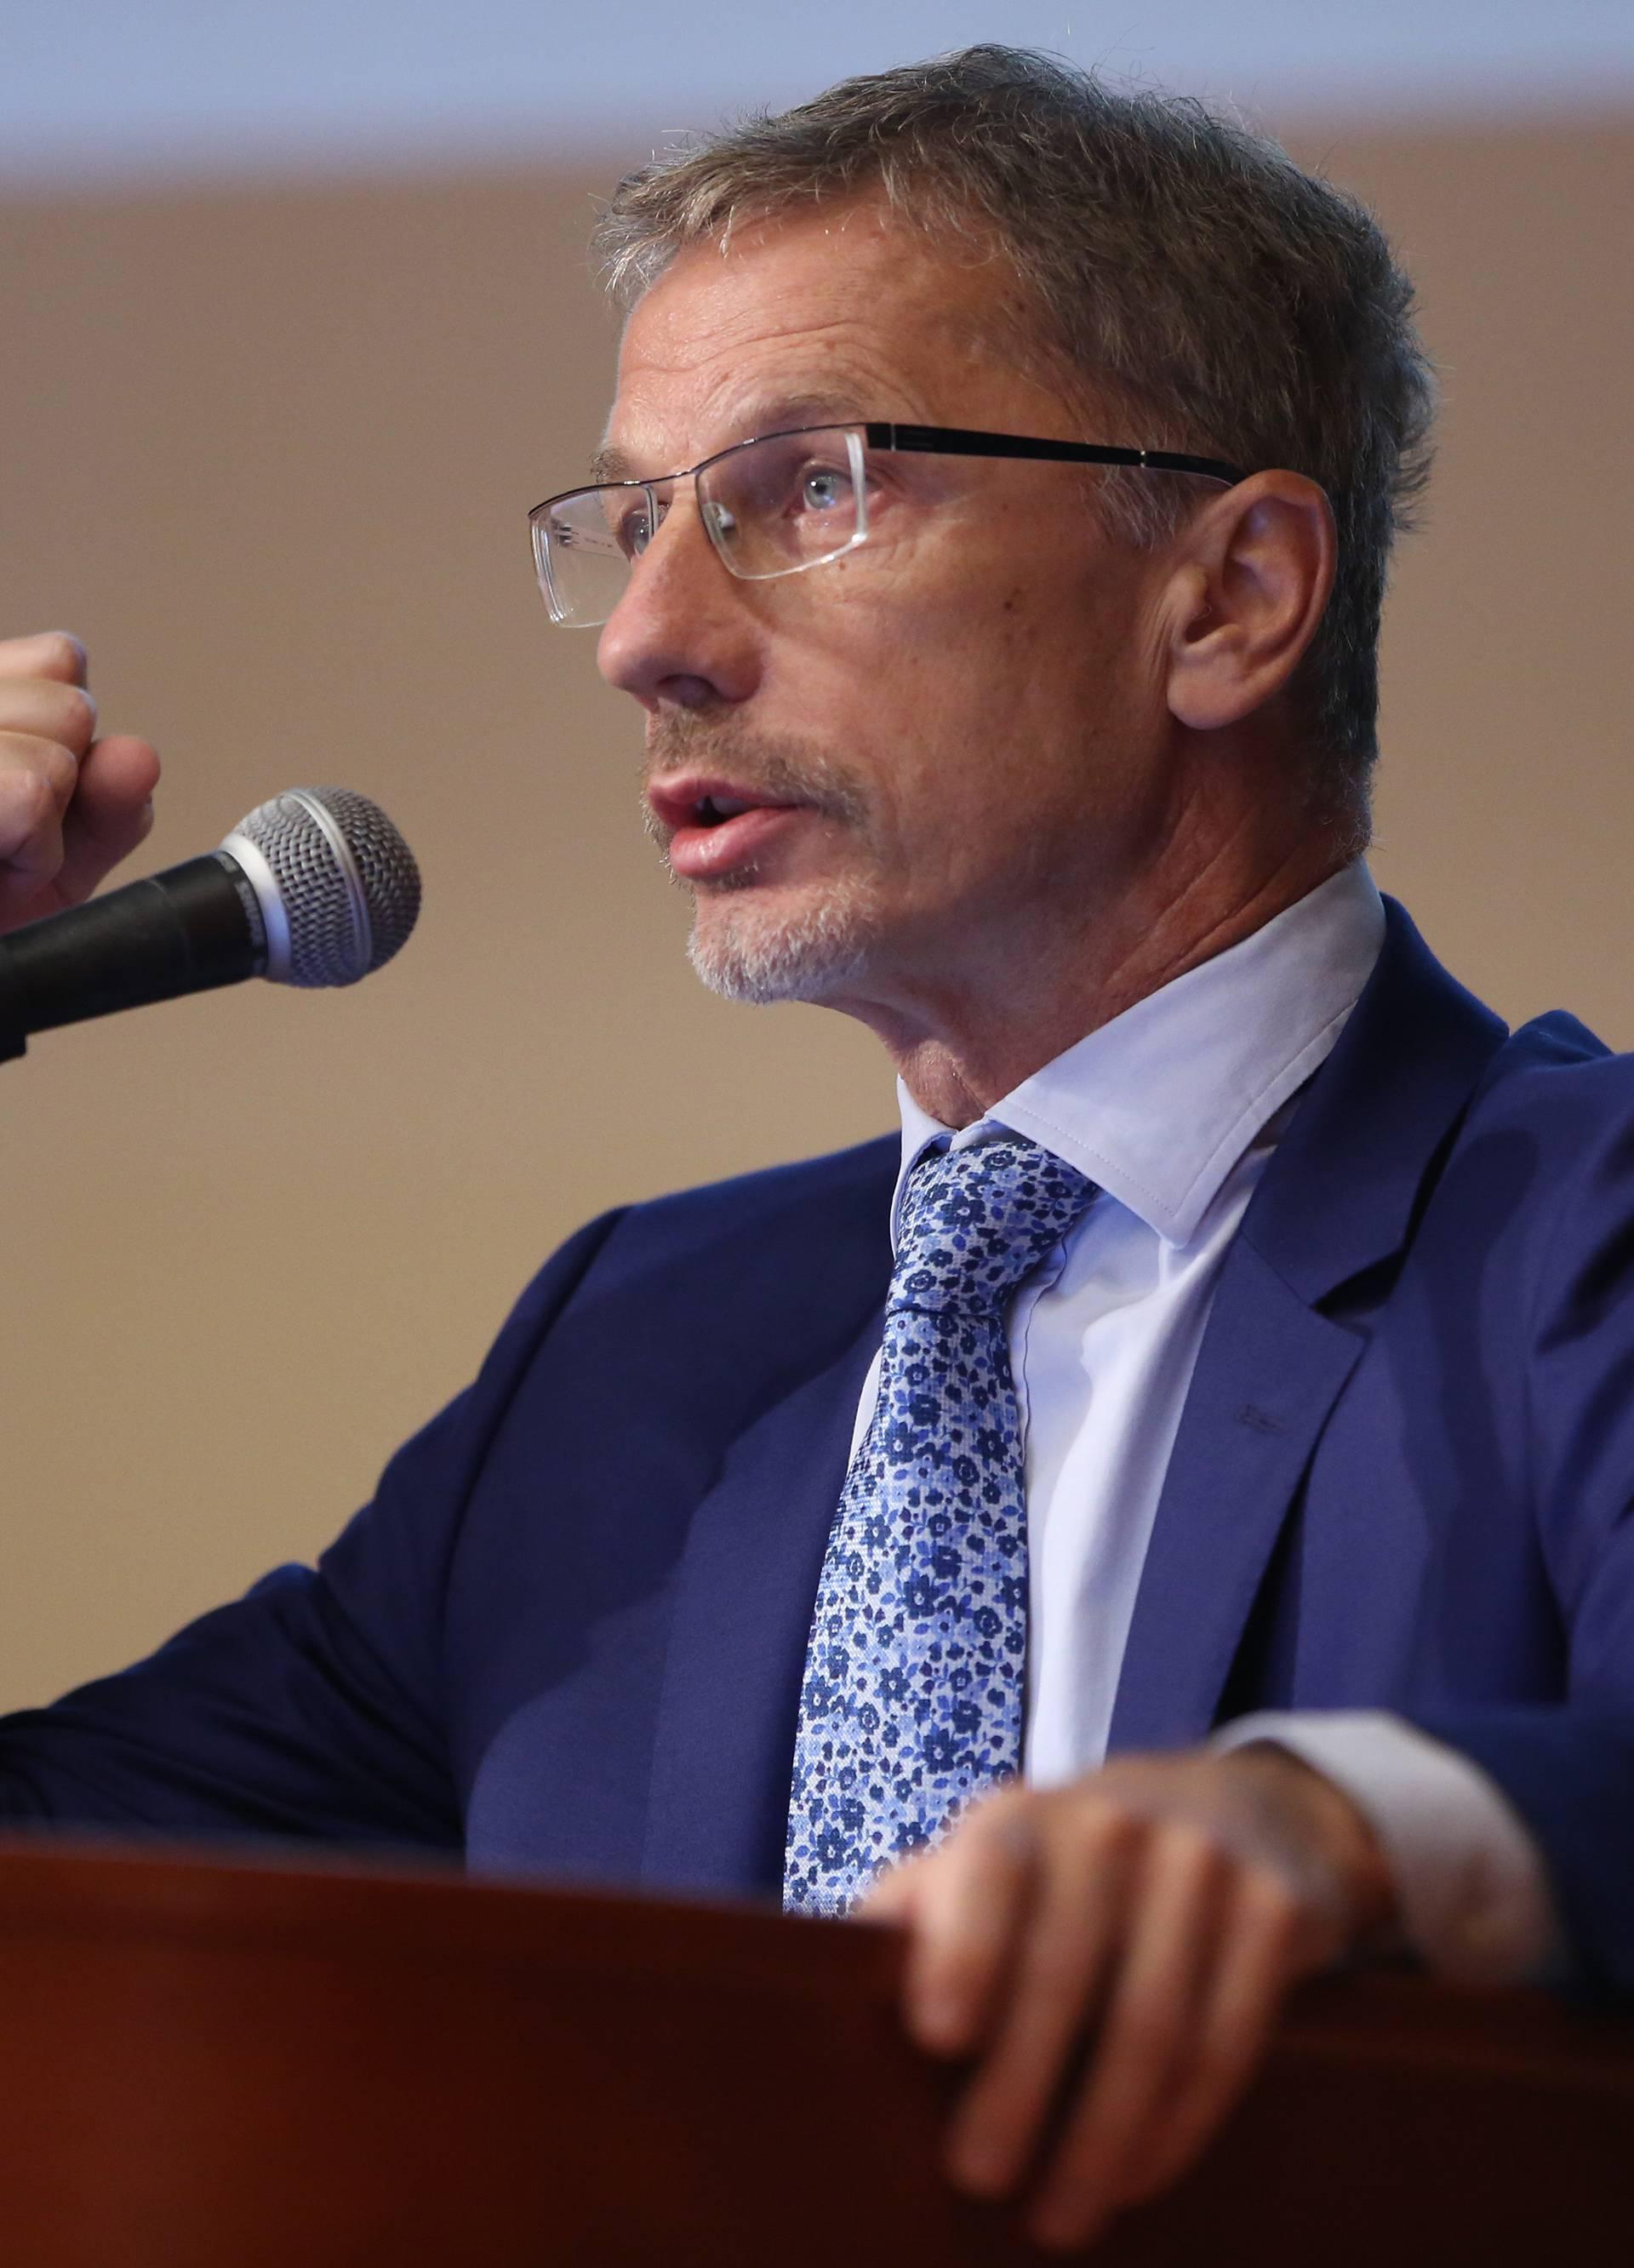 Opatija: U hotelu Adriatic počelo 26. savjetovanje Hrvatskog društva ekonomista